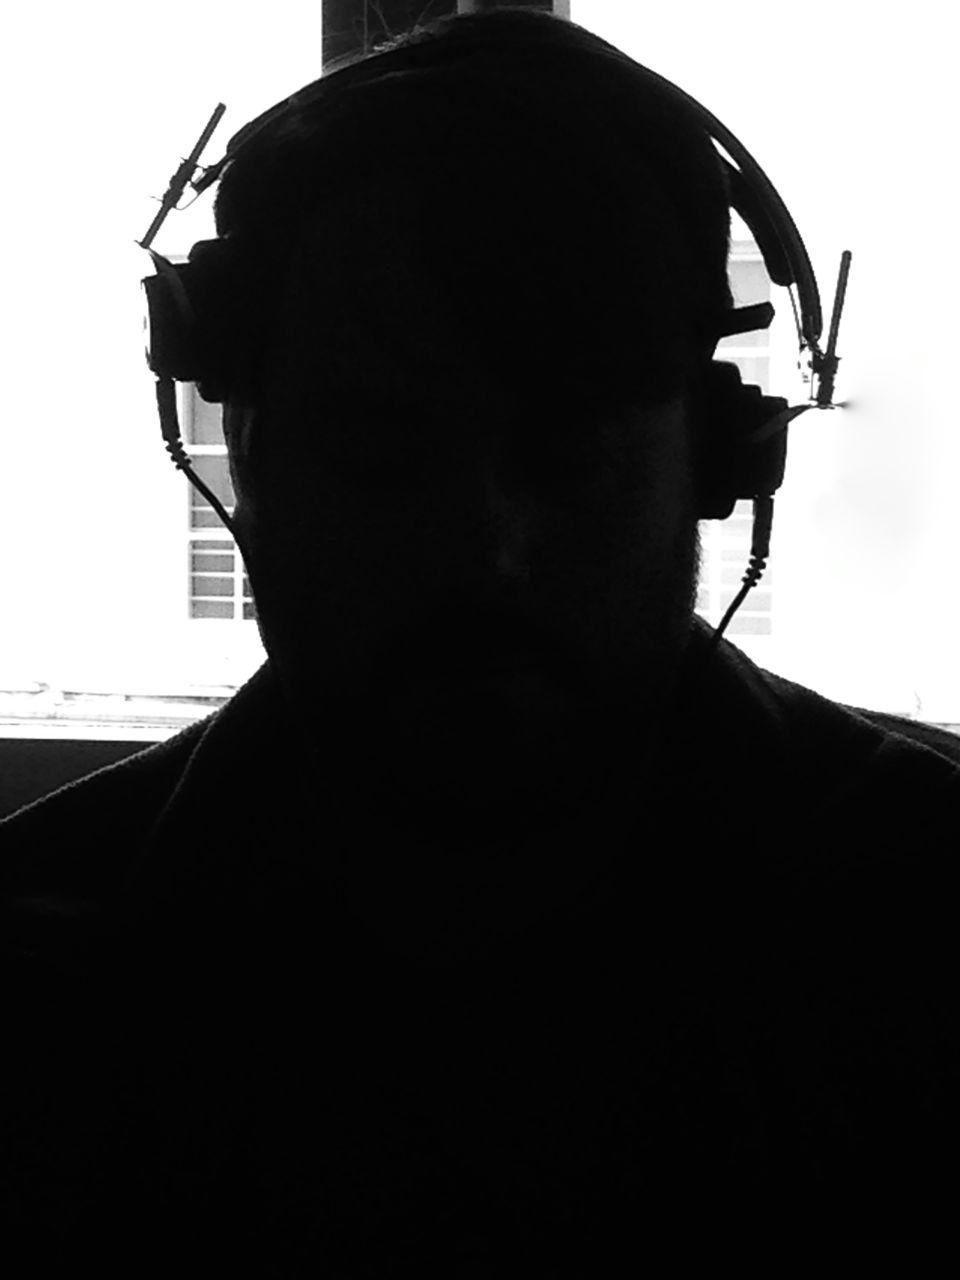 Sudden Sensorineural Hearing Loss - Rob Finlay